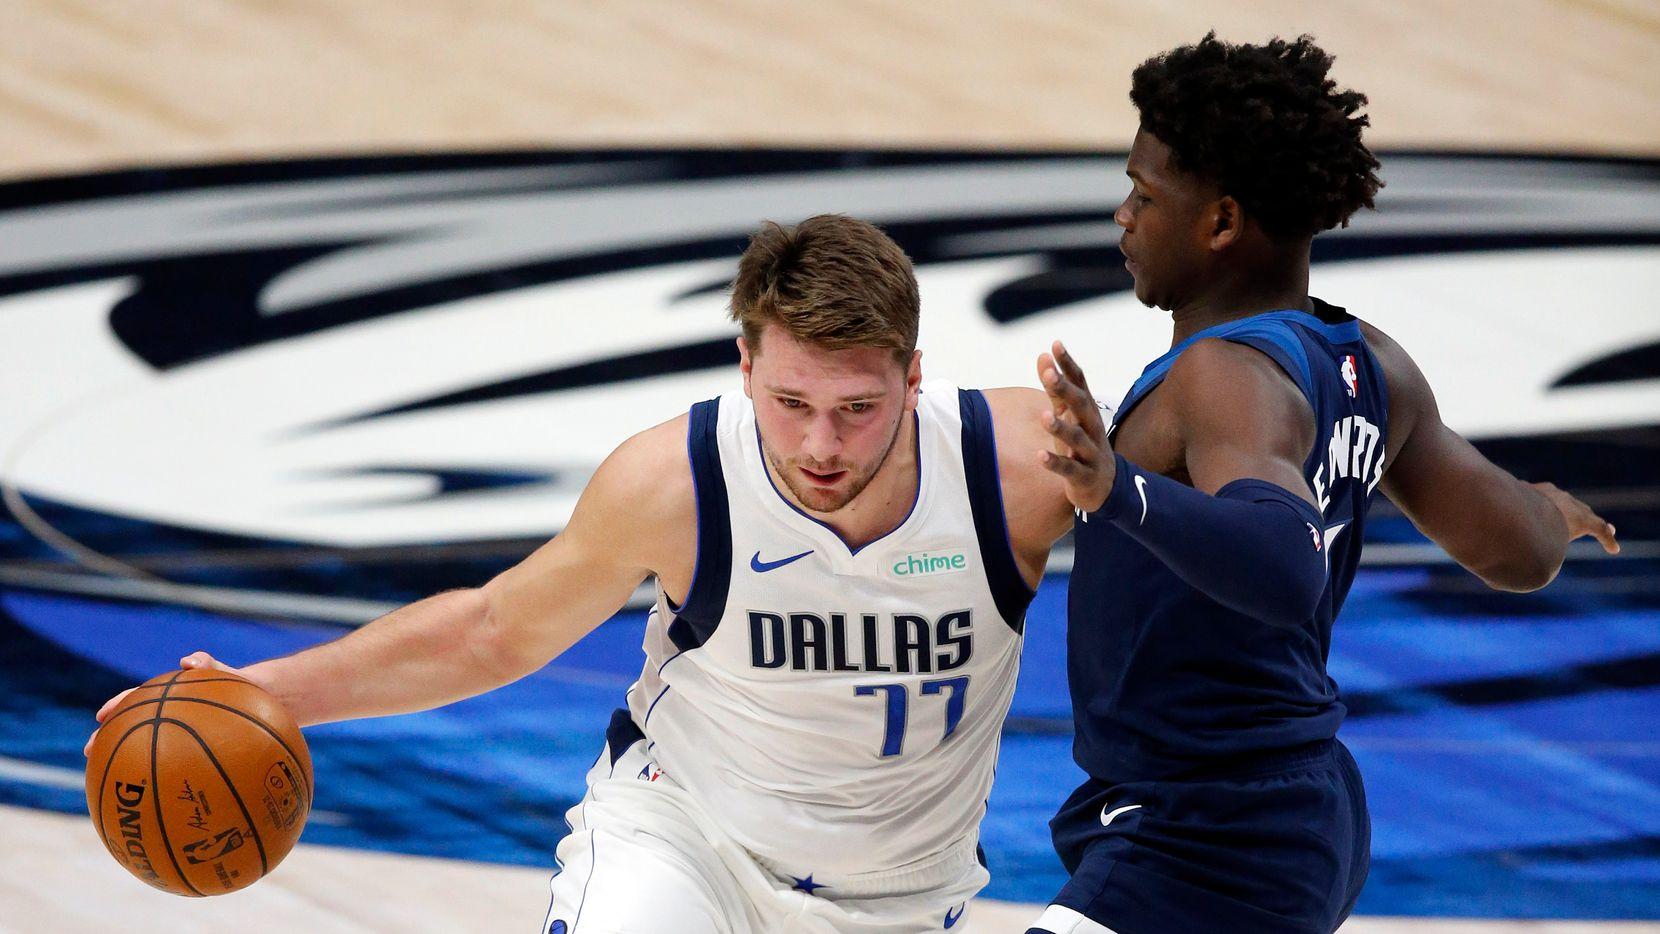 El jugador de los Dallas Mavericks, Luka Doncic (77), es custodiado por un jugador de  Minnesota Timberwolves en el juego de pretemporada del 17 de diciembre de 2020 en el American Airlines Center de Dallas.